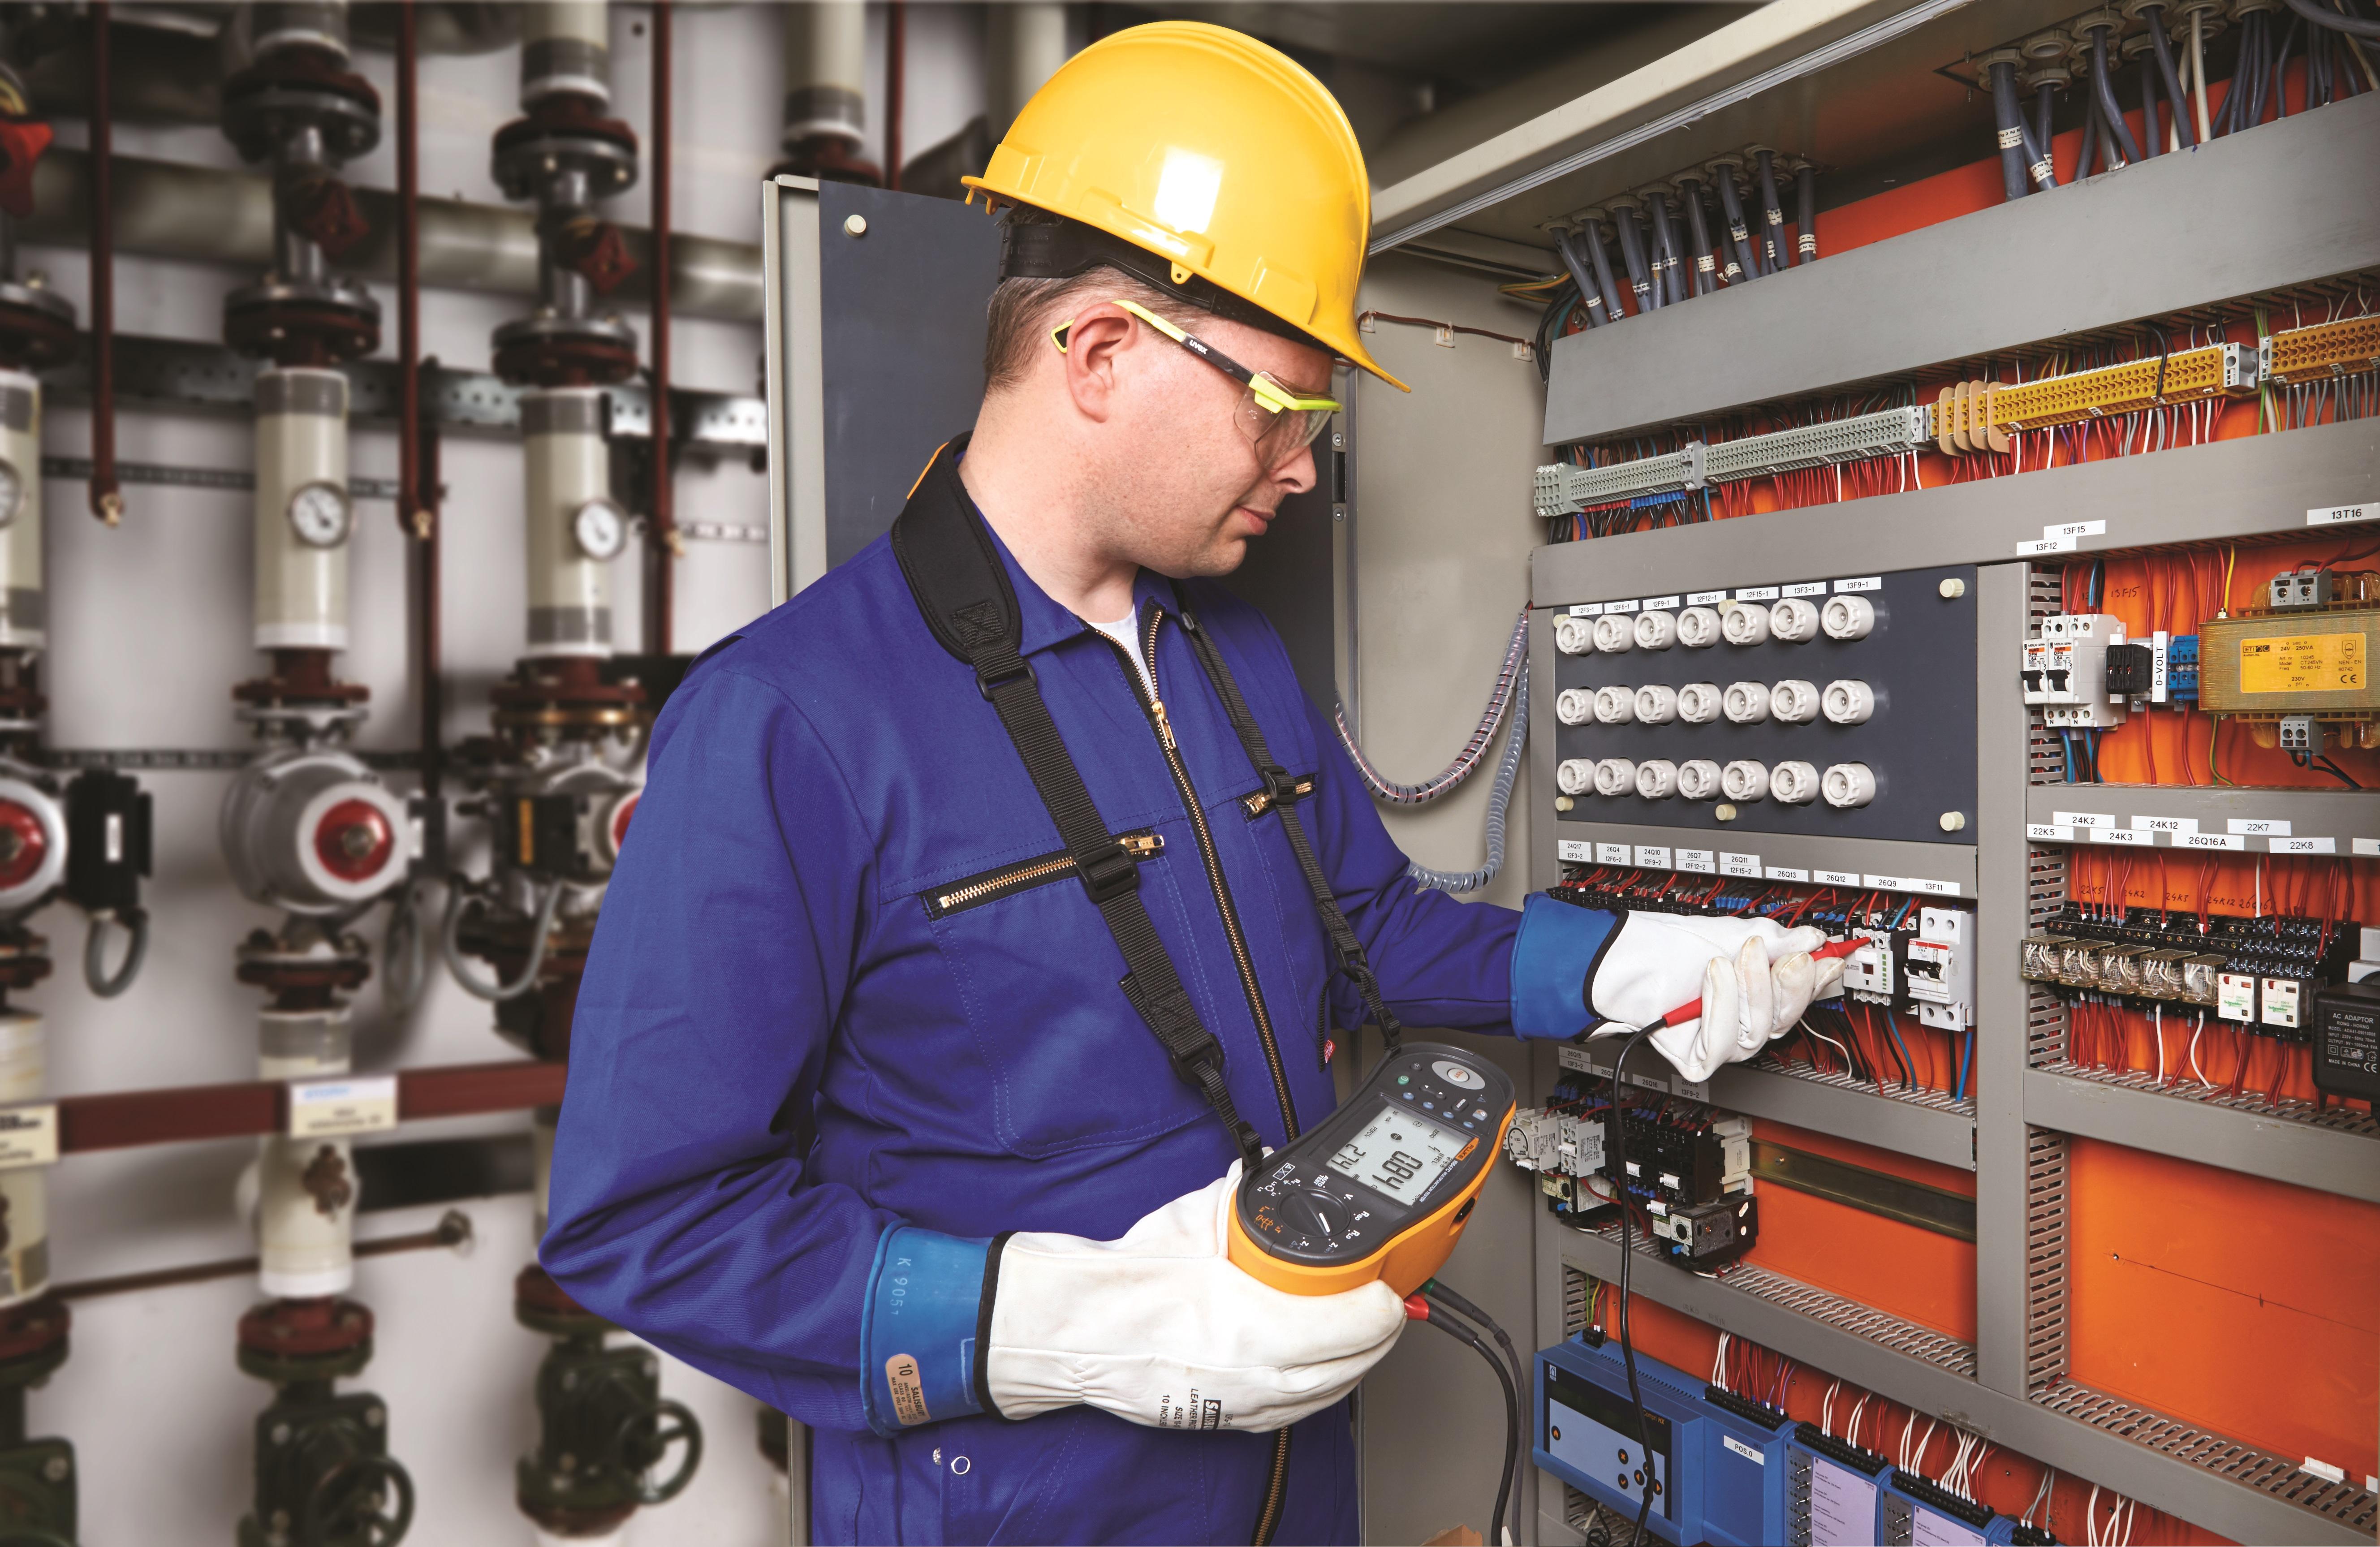 Produtividade e segurança em serviços de manutenção elétrica